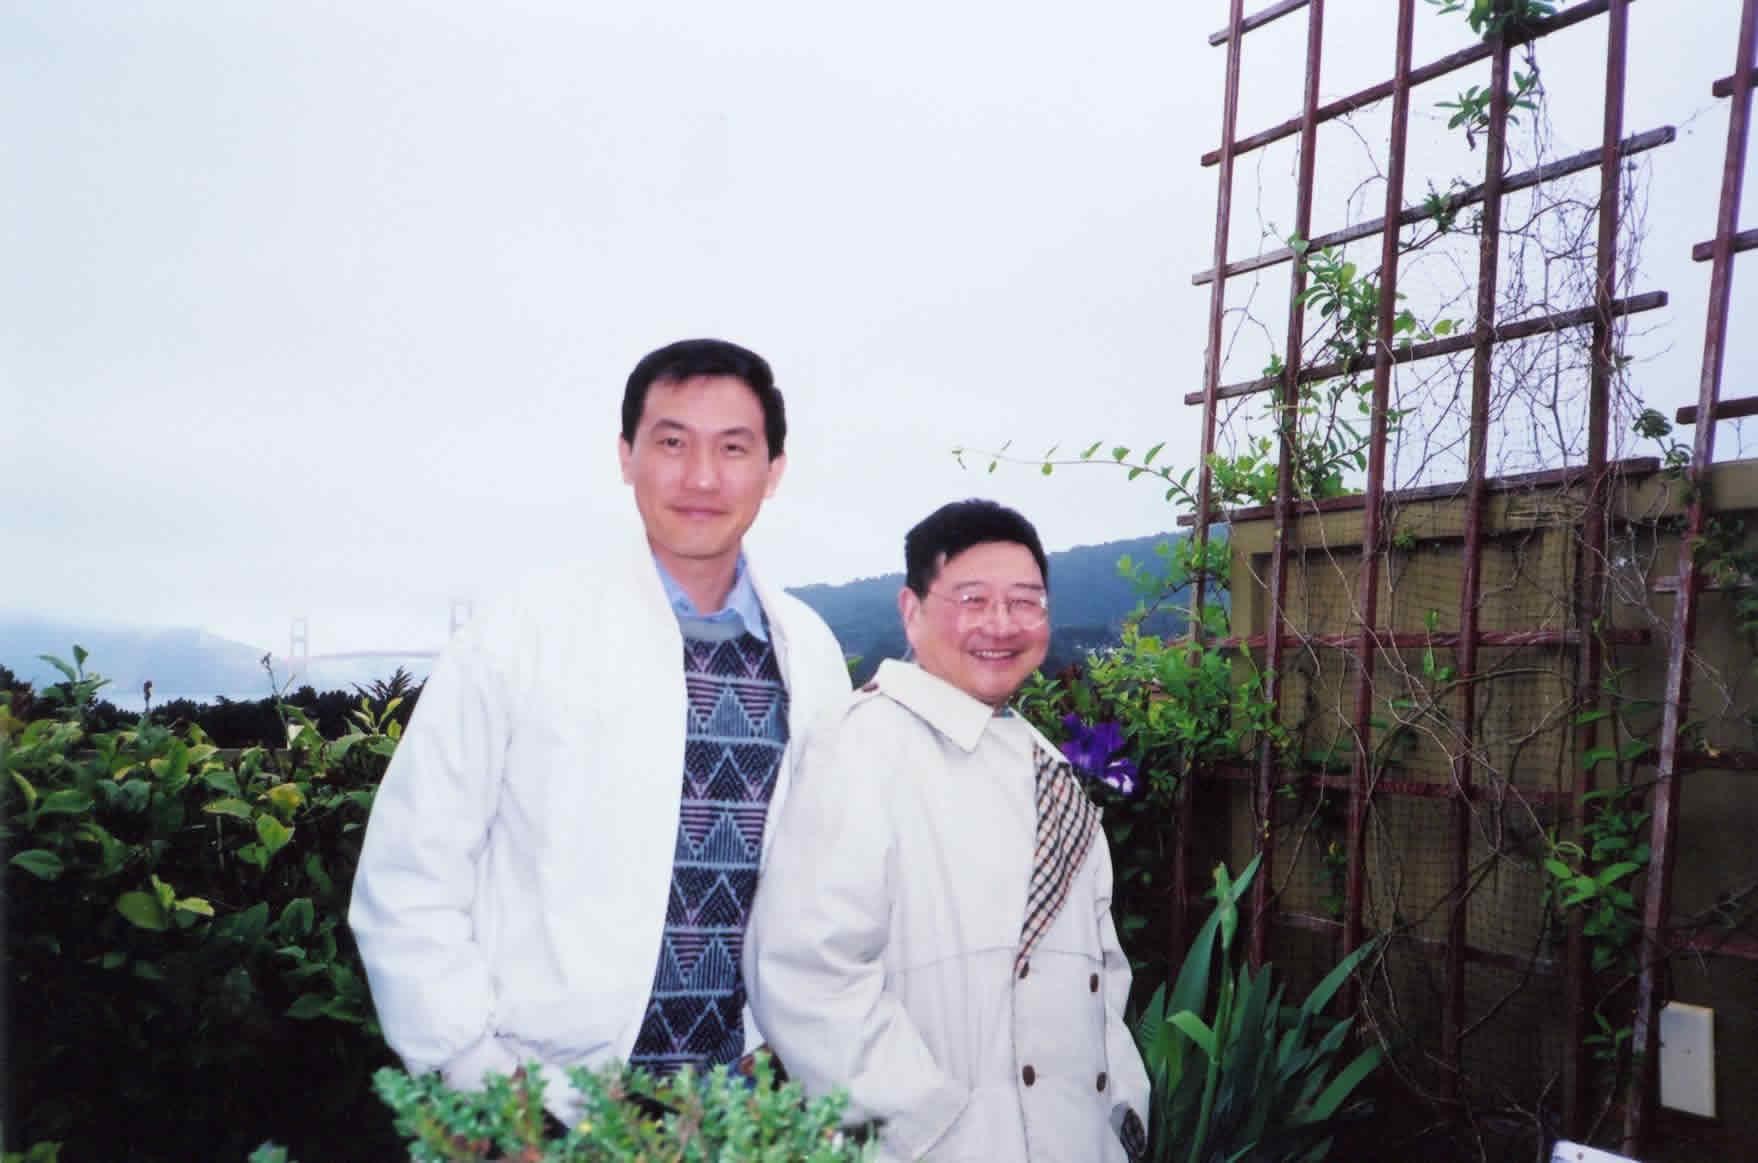 葉李華個人網站